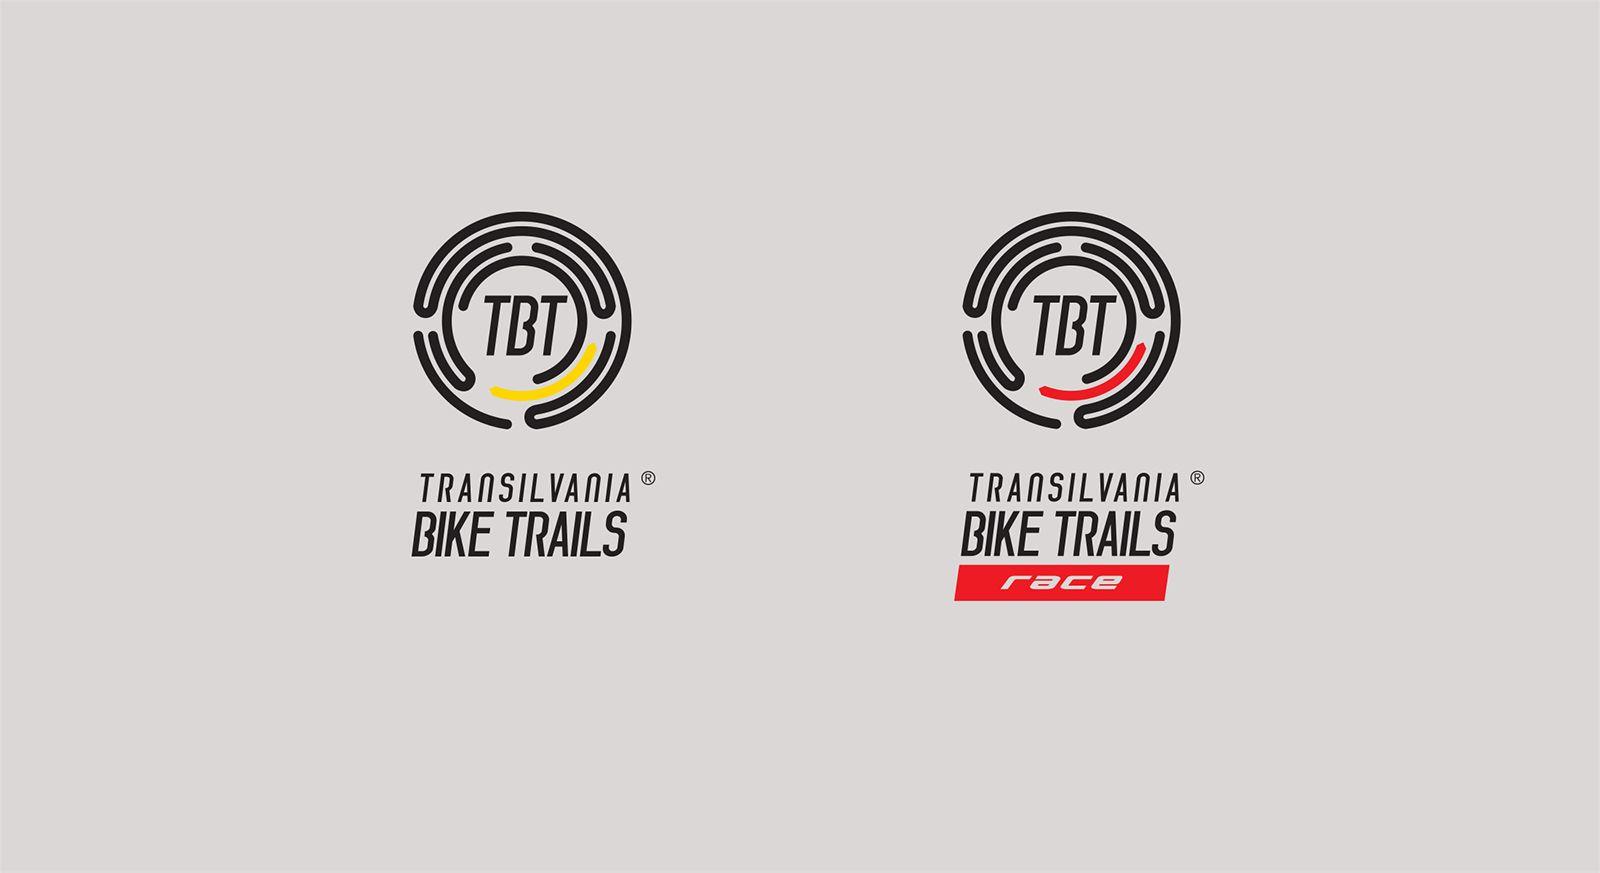 Tansilvania Bike Trails